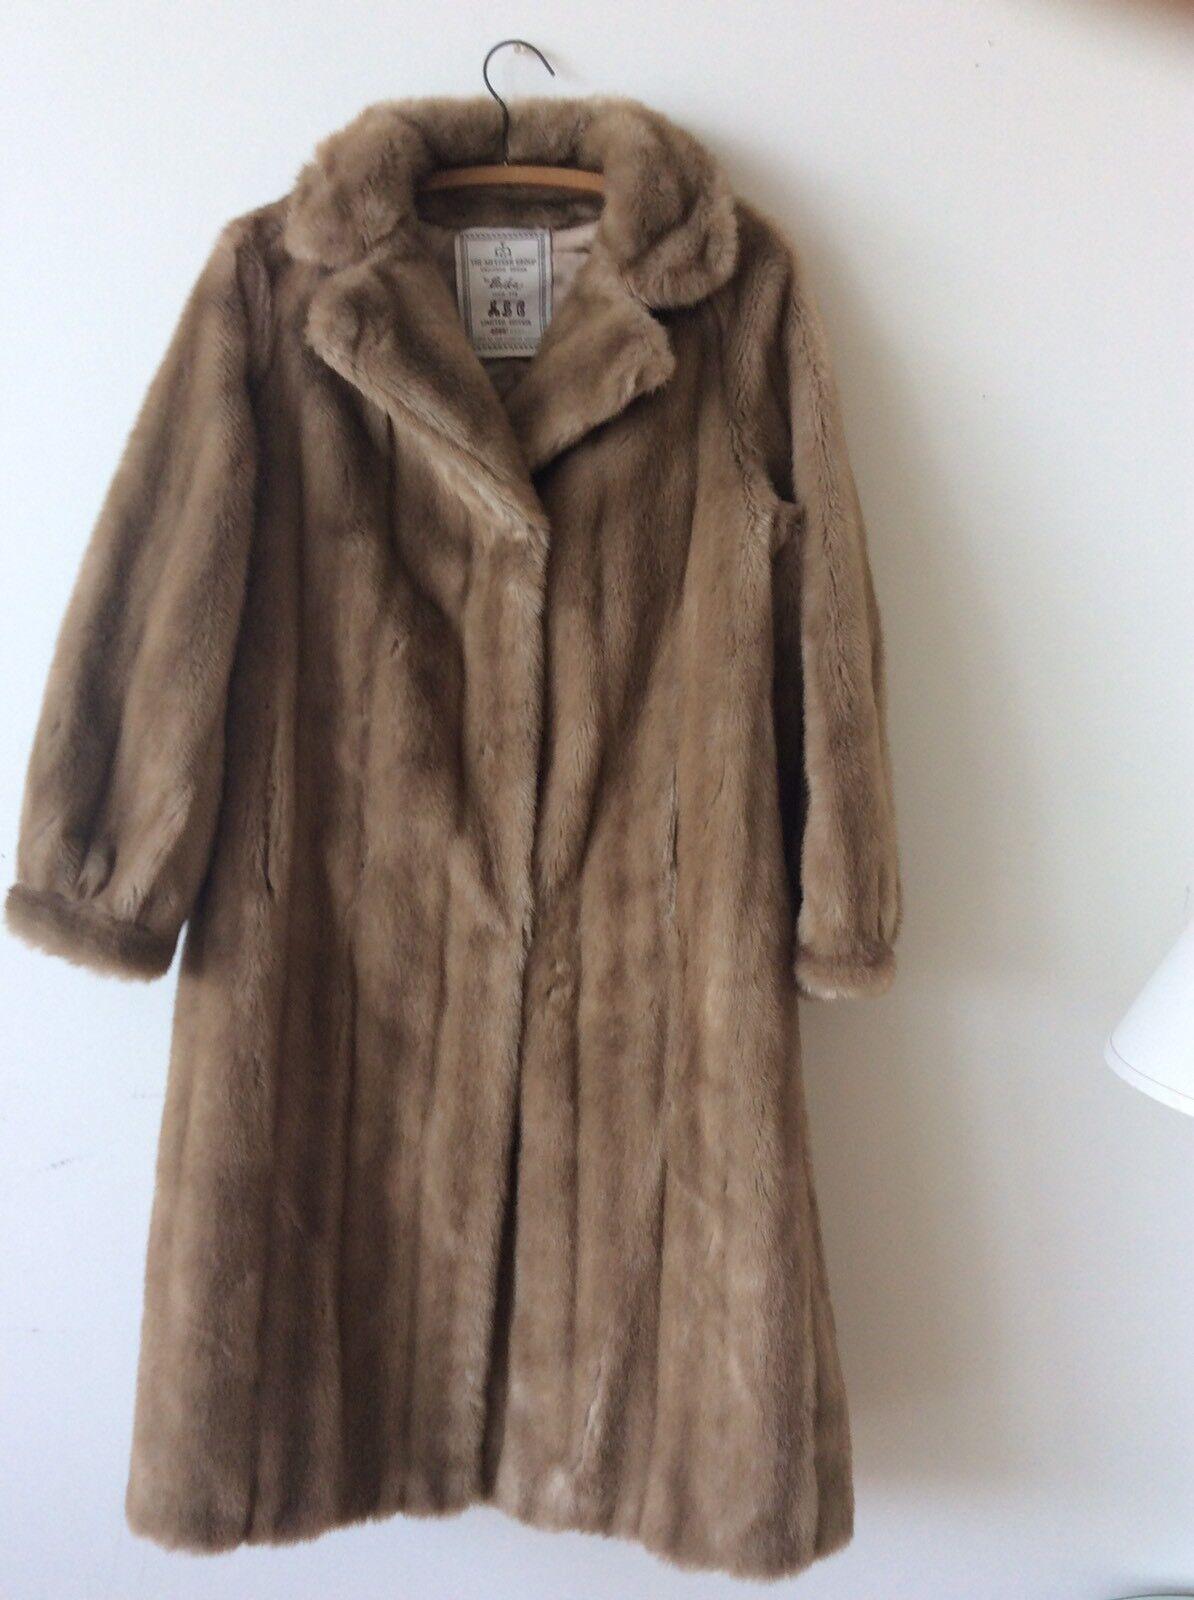 Vintage Mink Fur Coat Blond Beige Size 10 Rare The Metzger Group